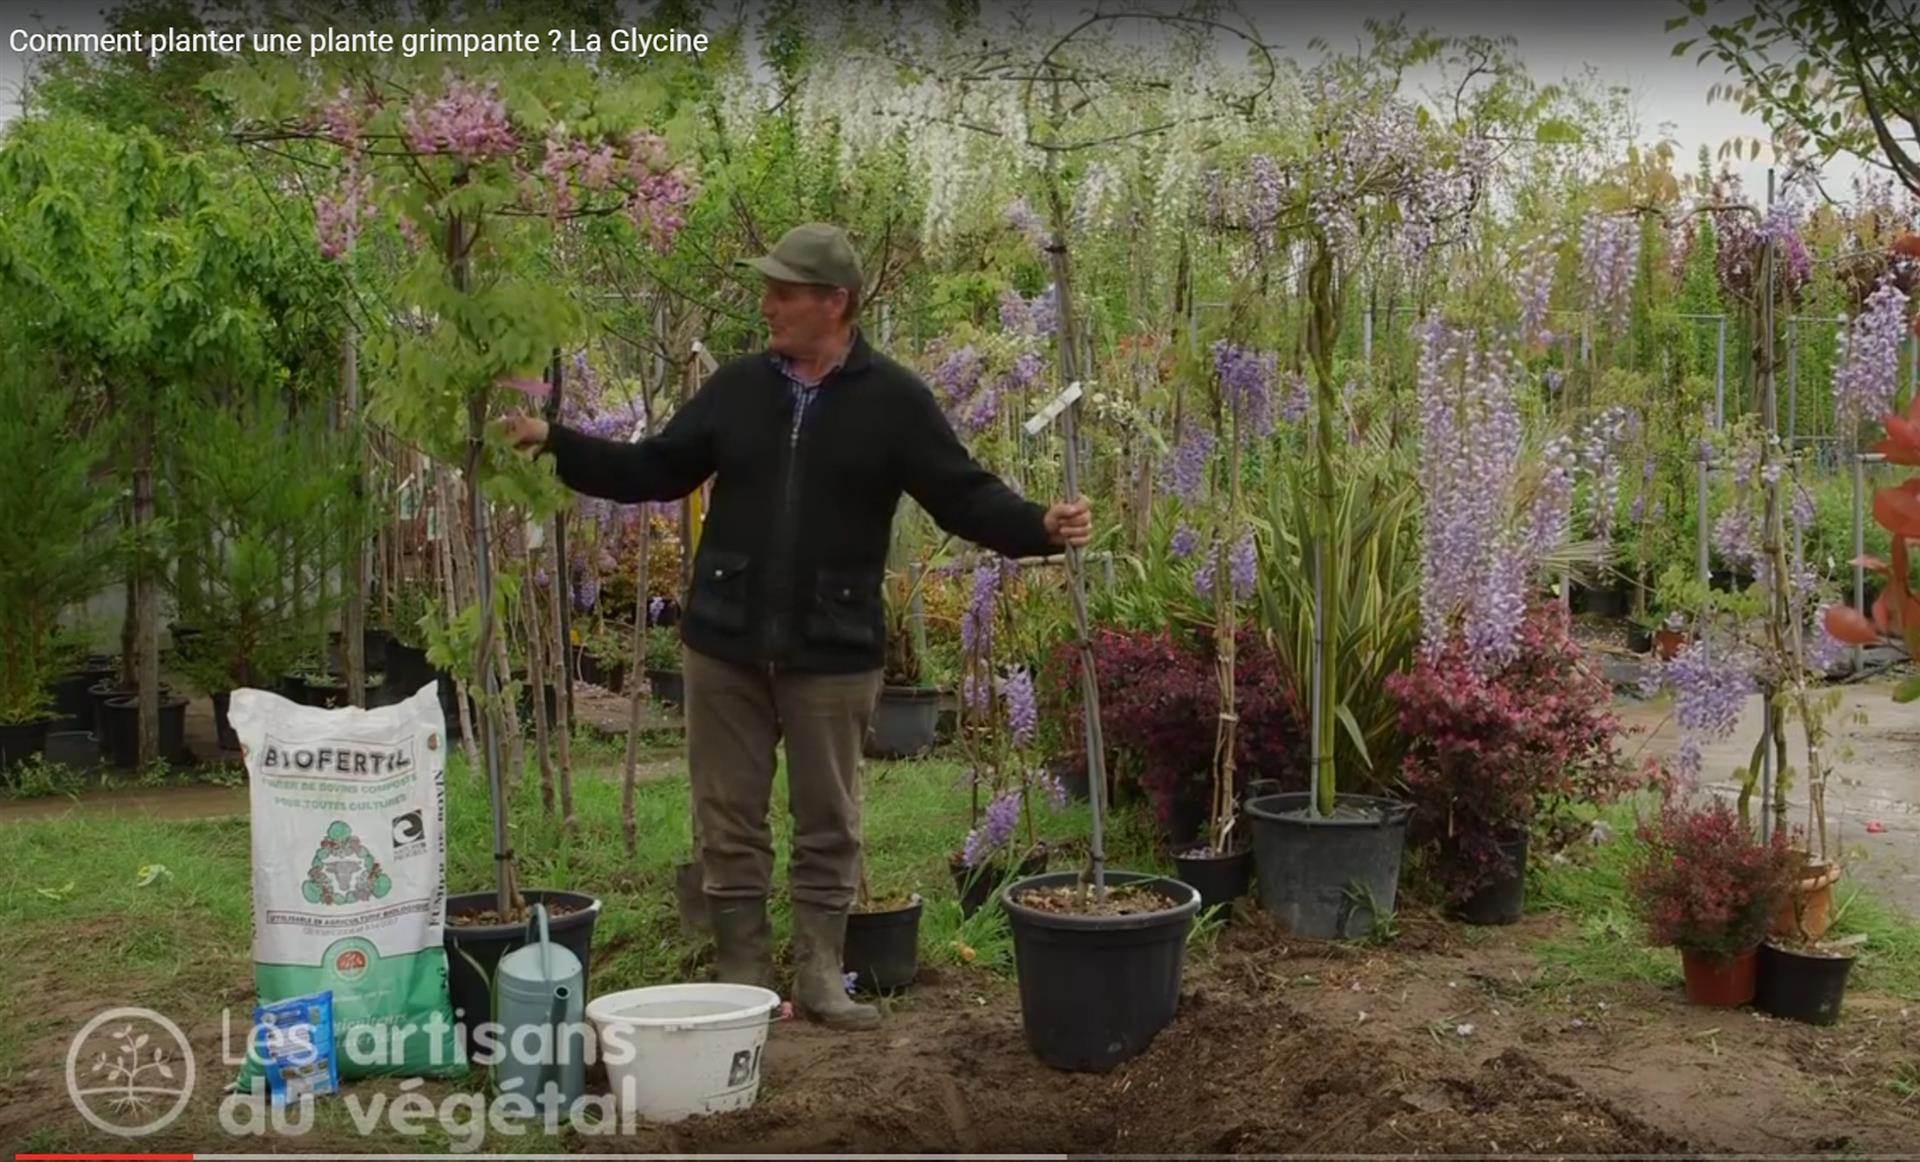 Une Glycine En Pot comment planter une plante grimpante ? exemple de la glycine